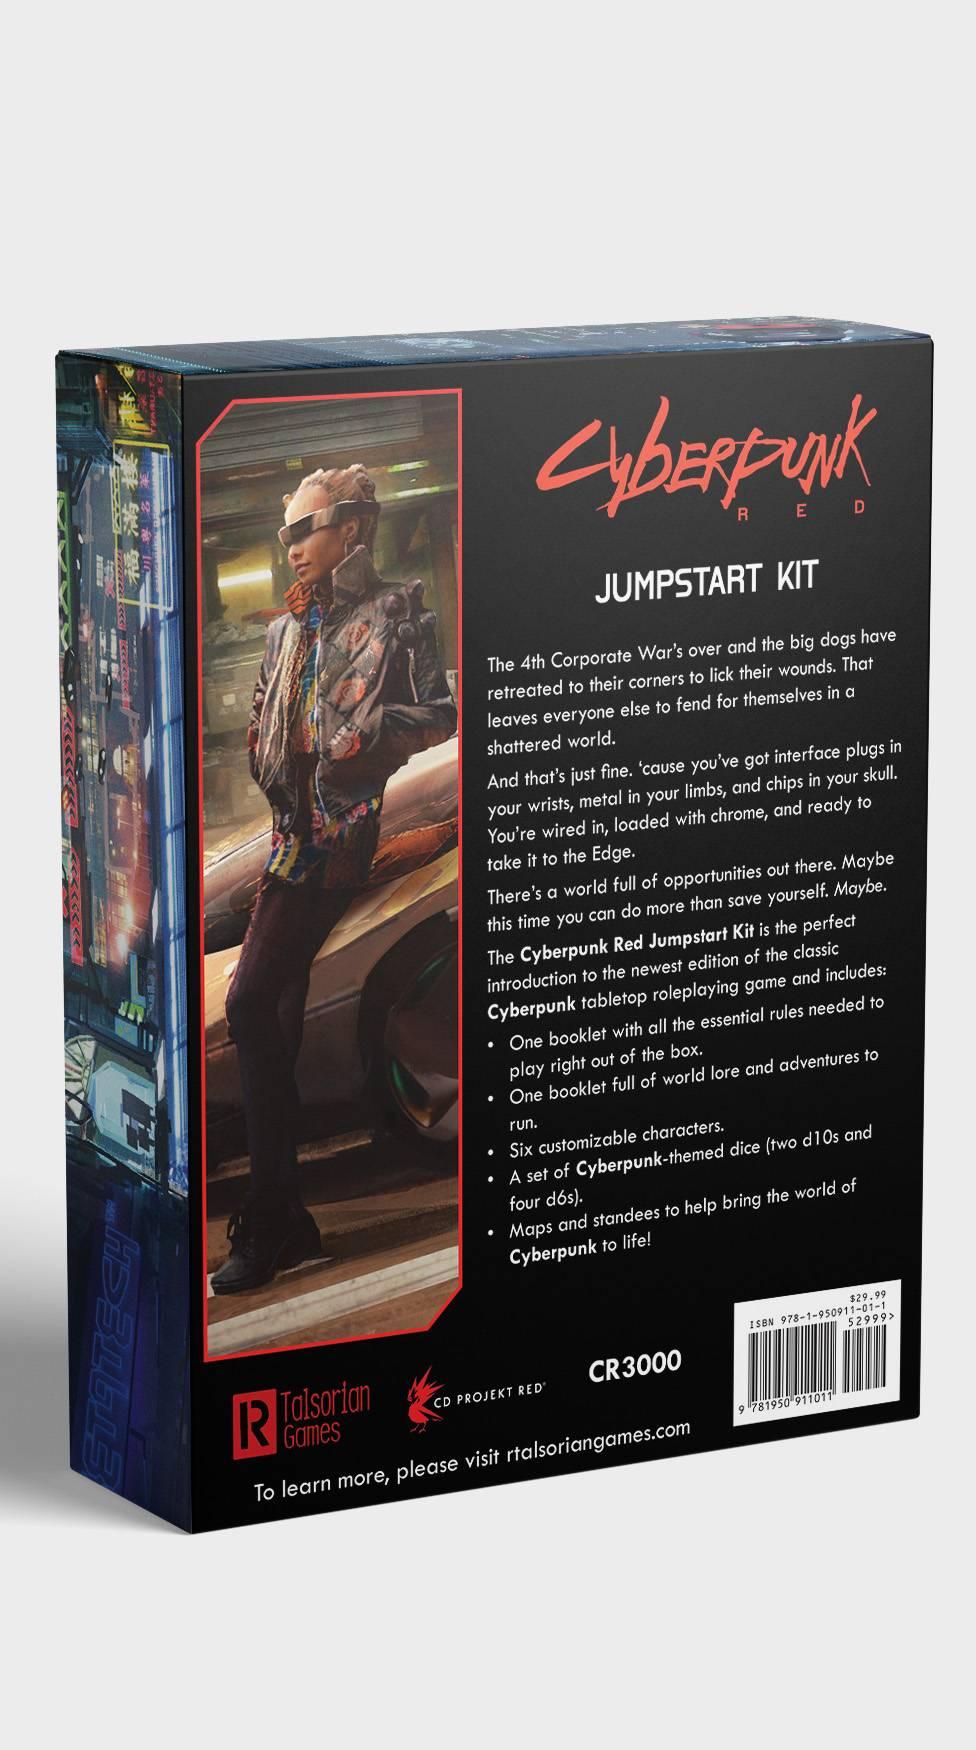 Настольная ролевая игра Cyberpunk RED — обновлённая редакция CP2020 — поступит в продажу 1 августа 1